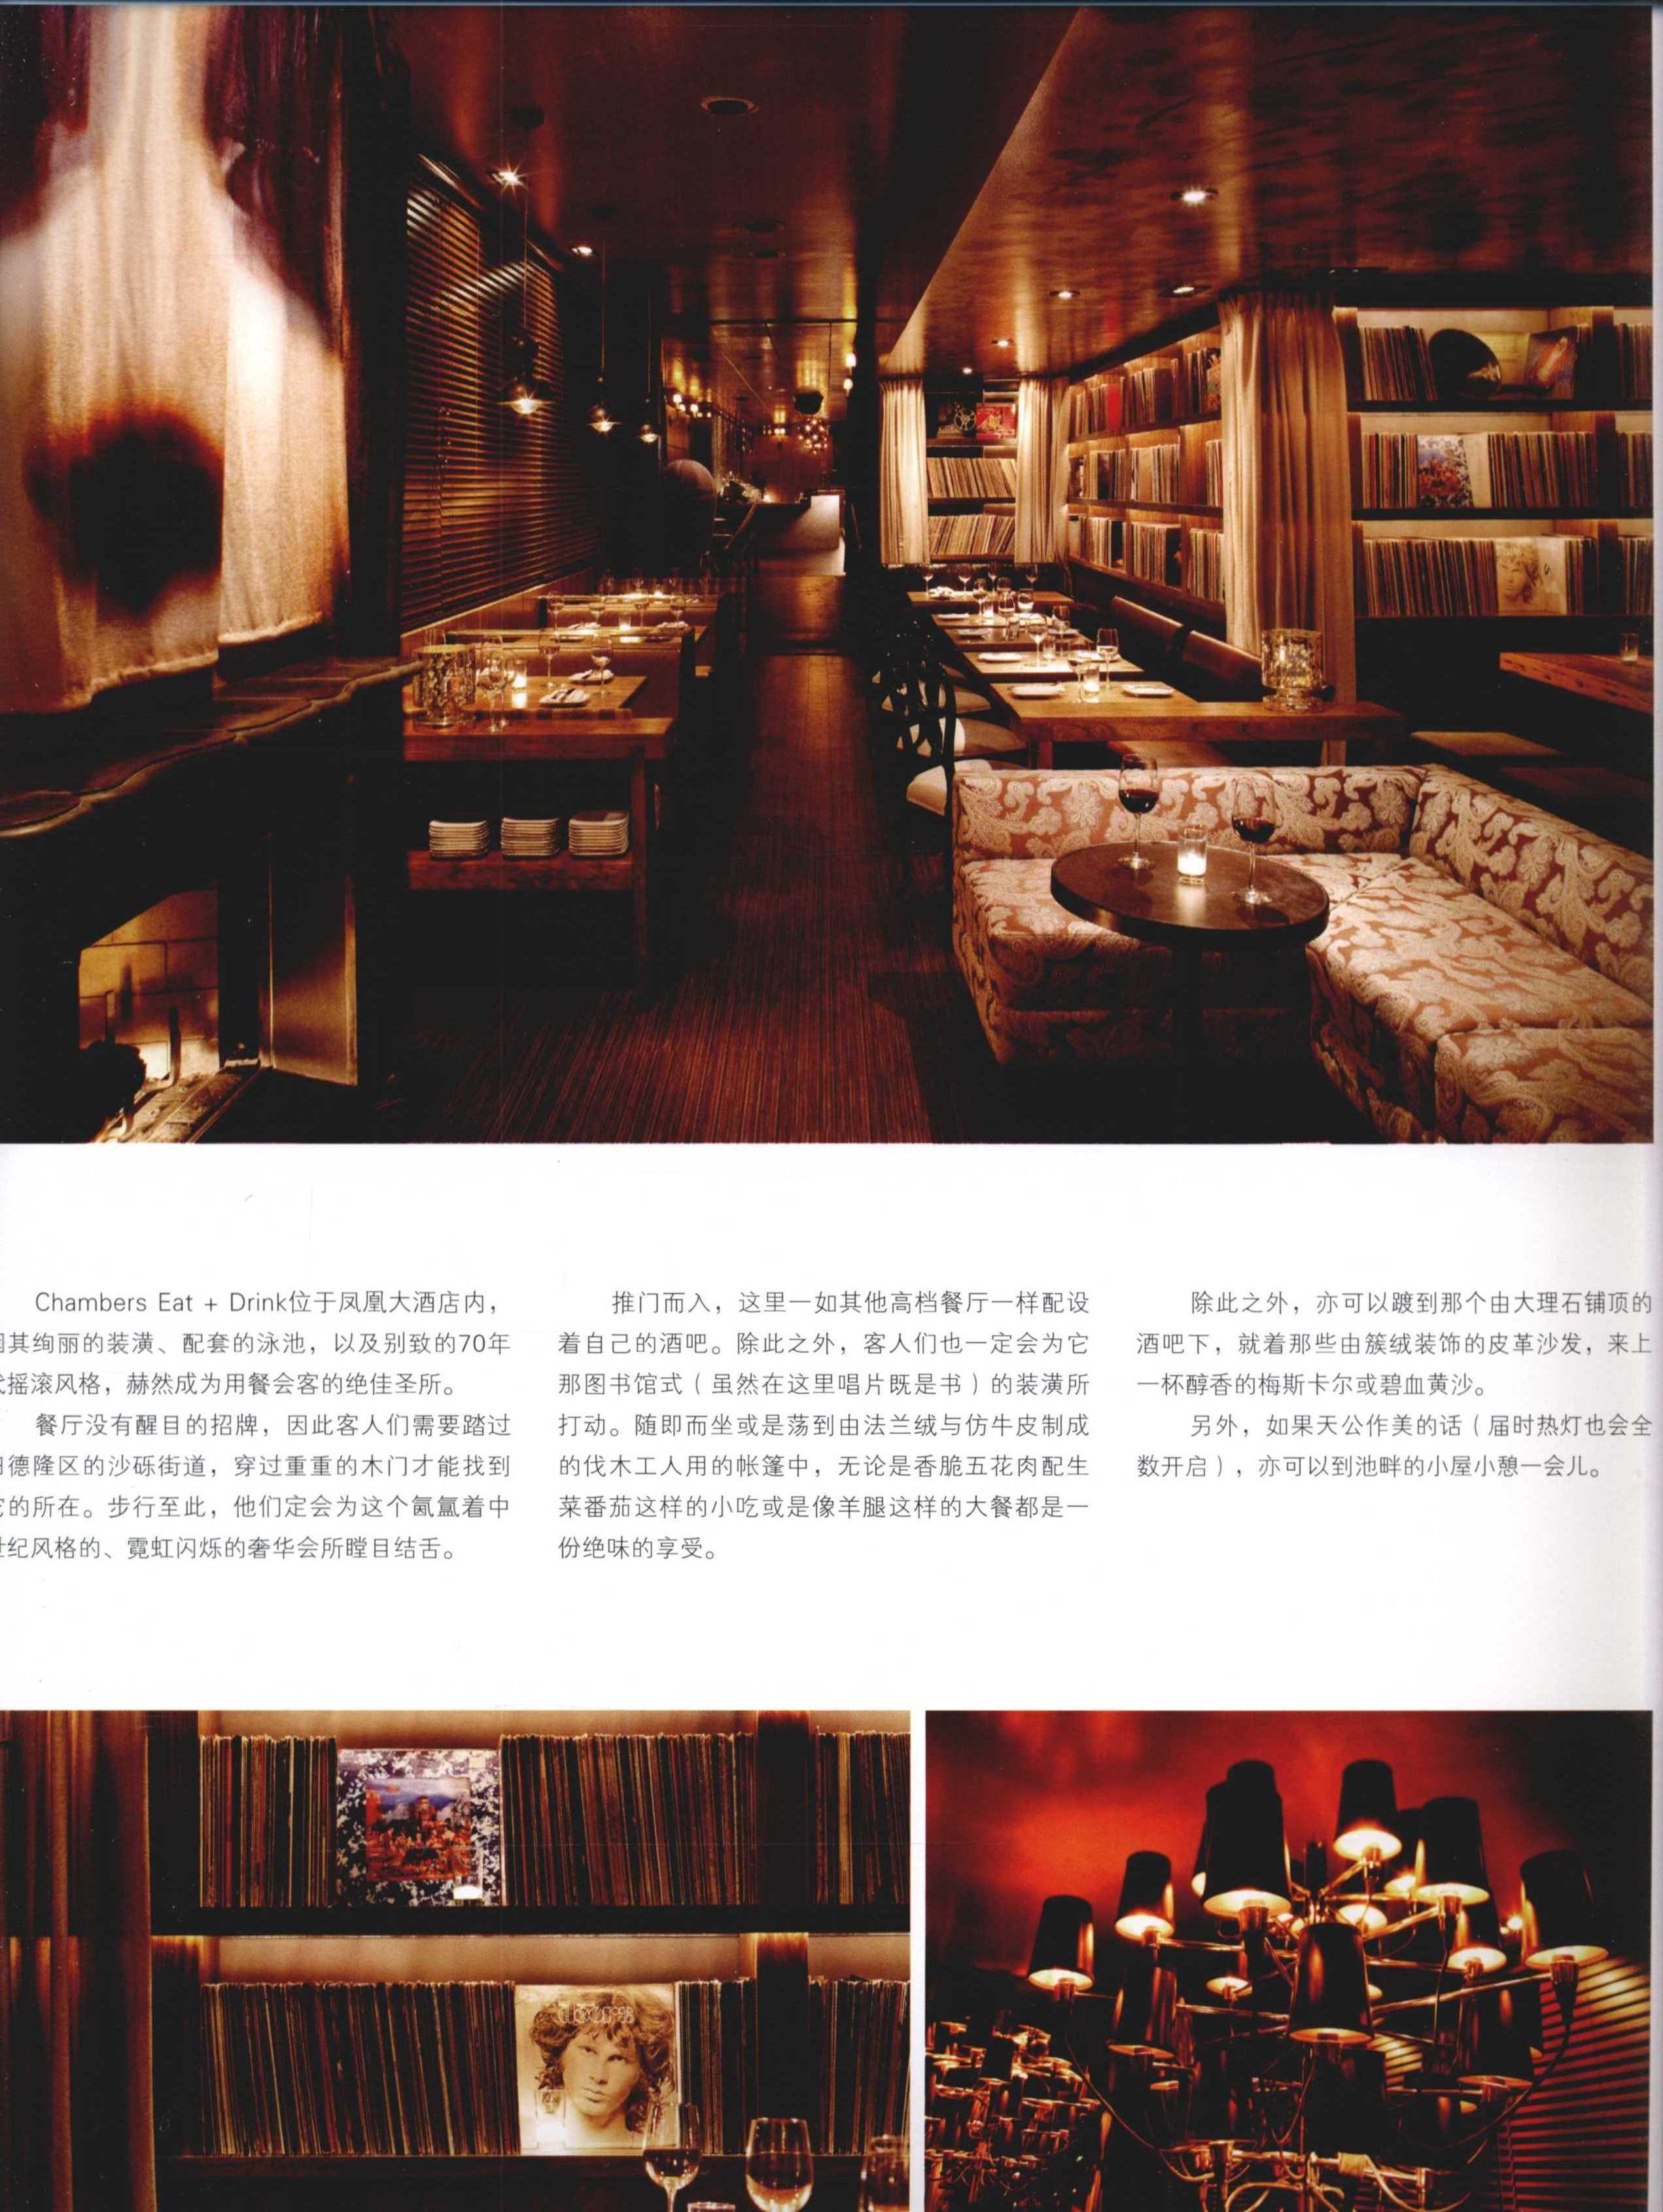 2012全球室内设计年鉴  餐饮_Page_306.jpg